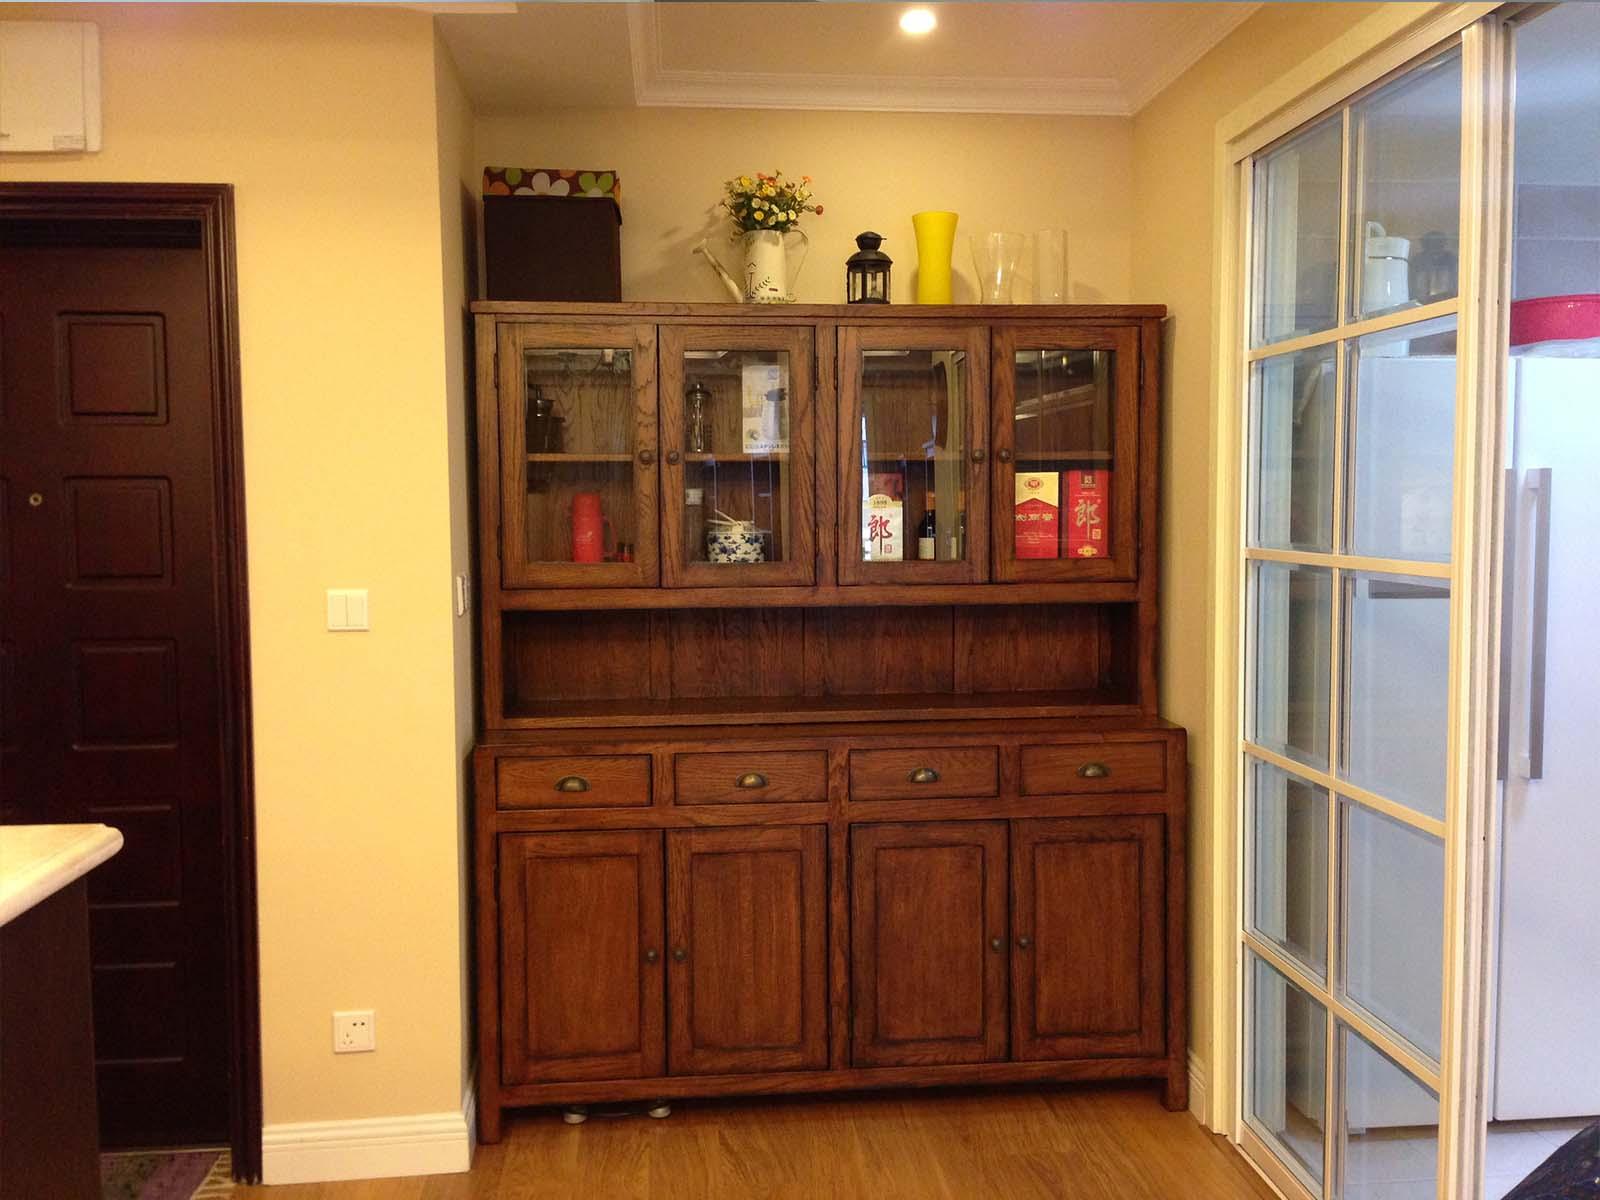 酒柜(17) - 成都定制家具厂家 成都定制衣柜 成都定制